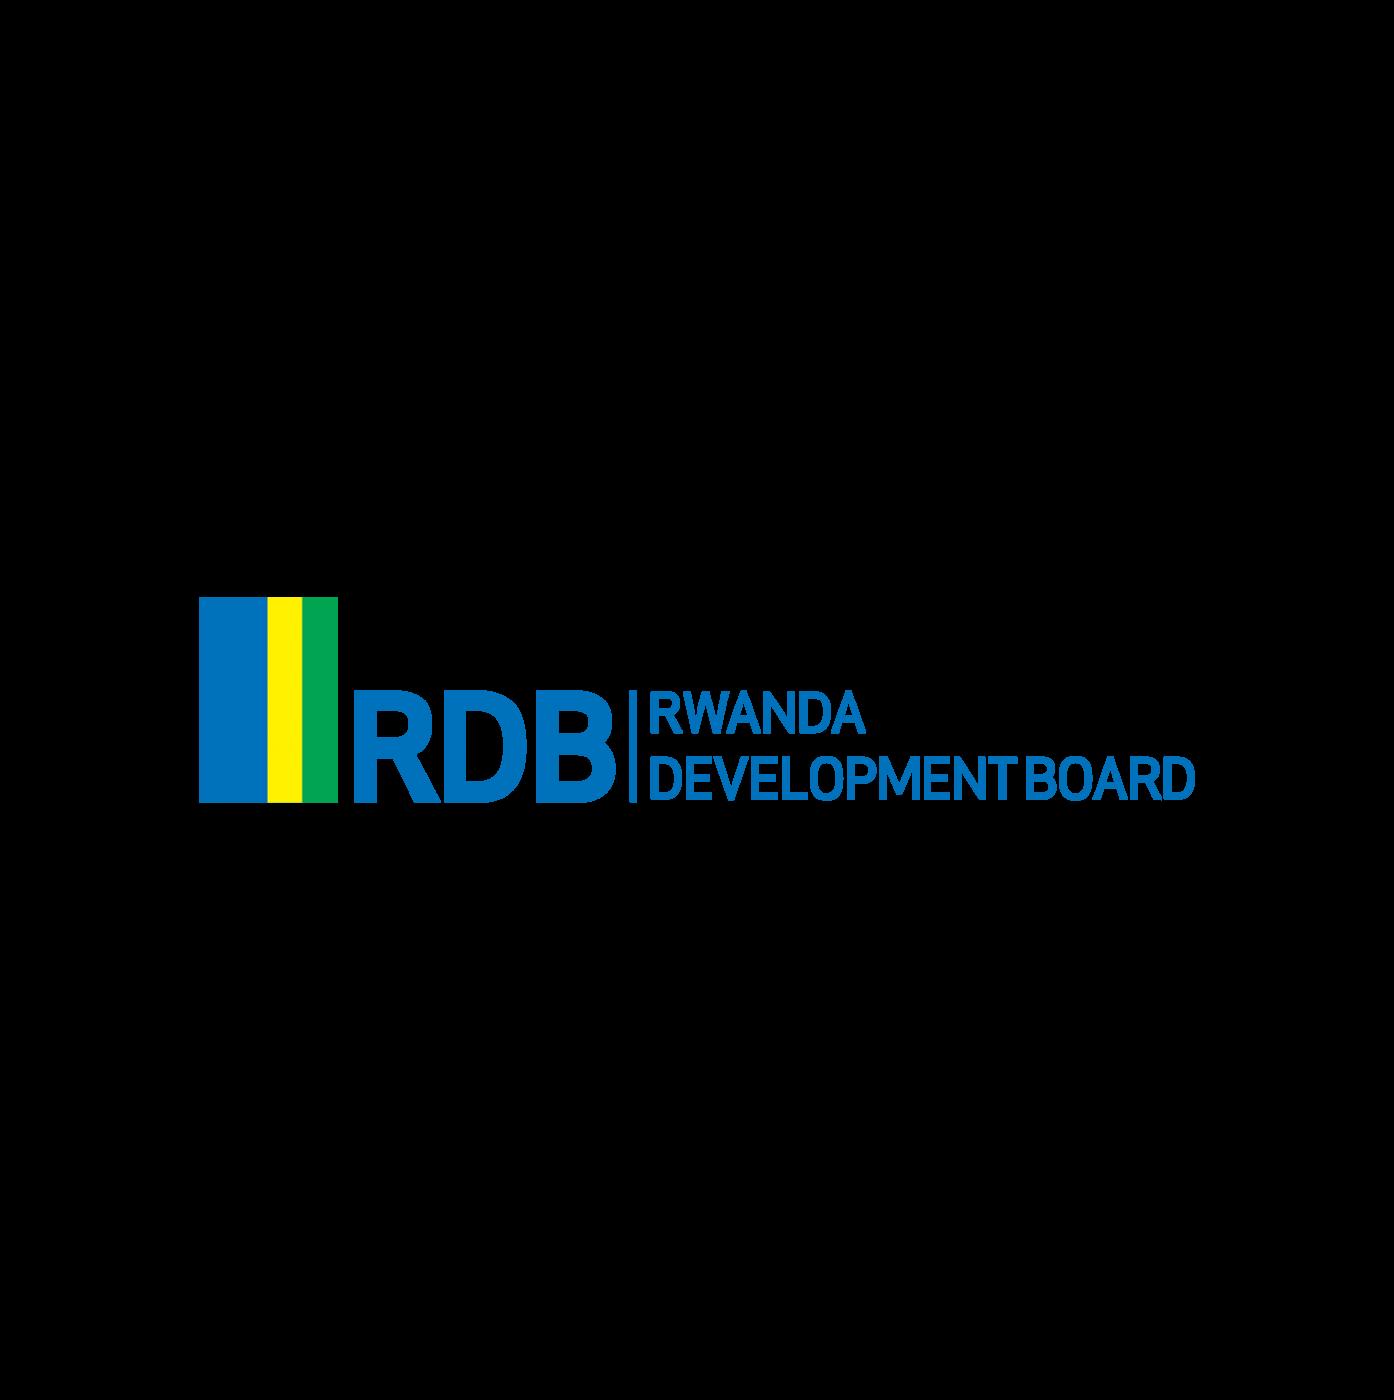 RDB 1 1394x1400 - Rwanda Development Board